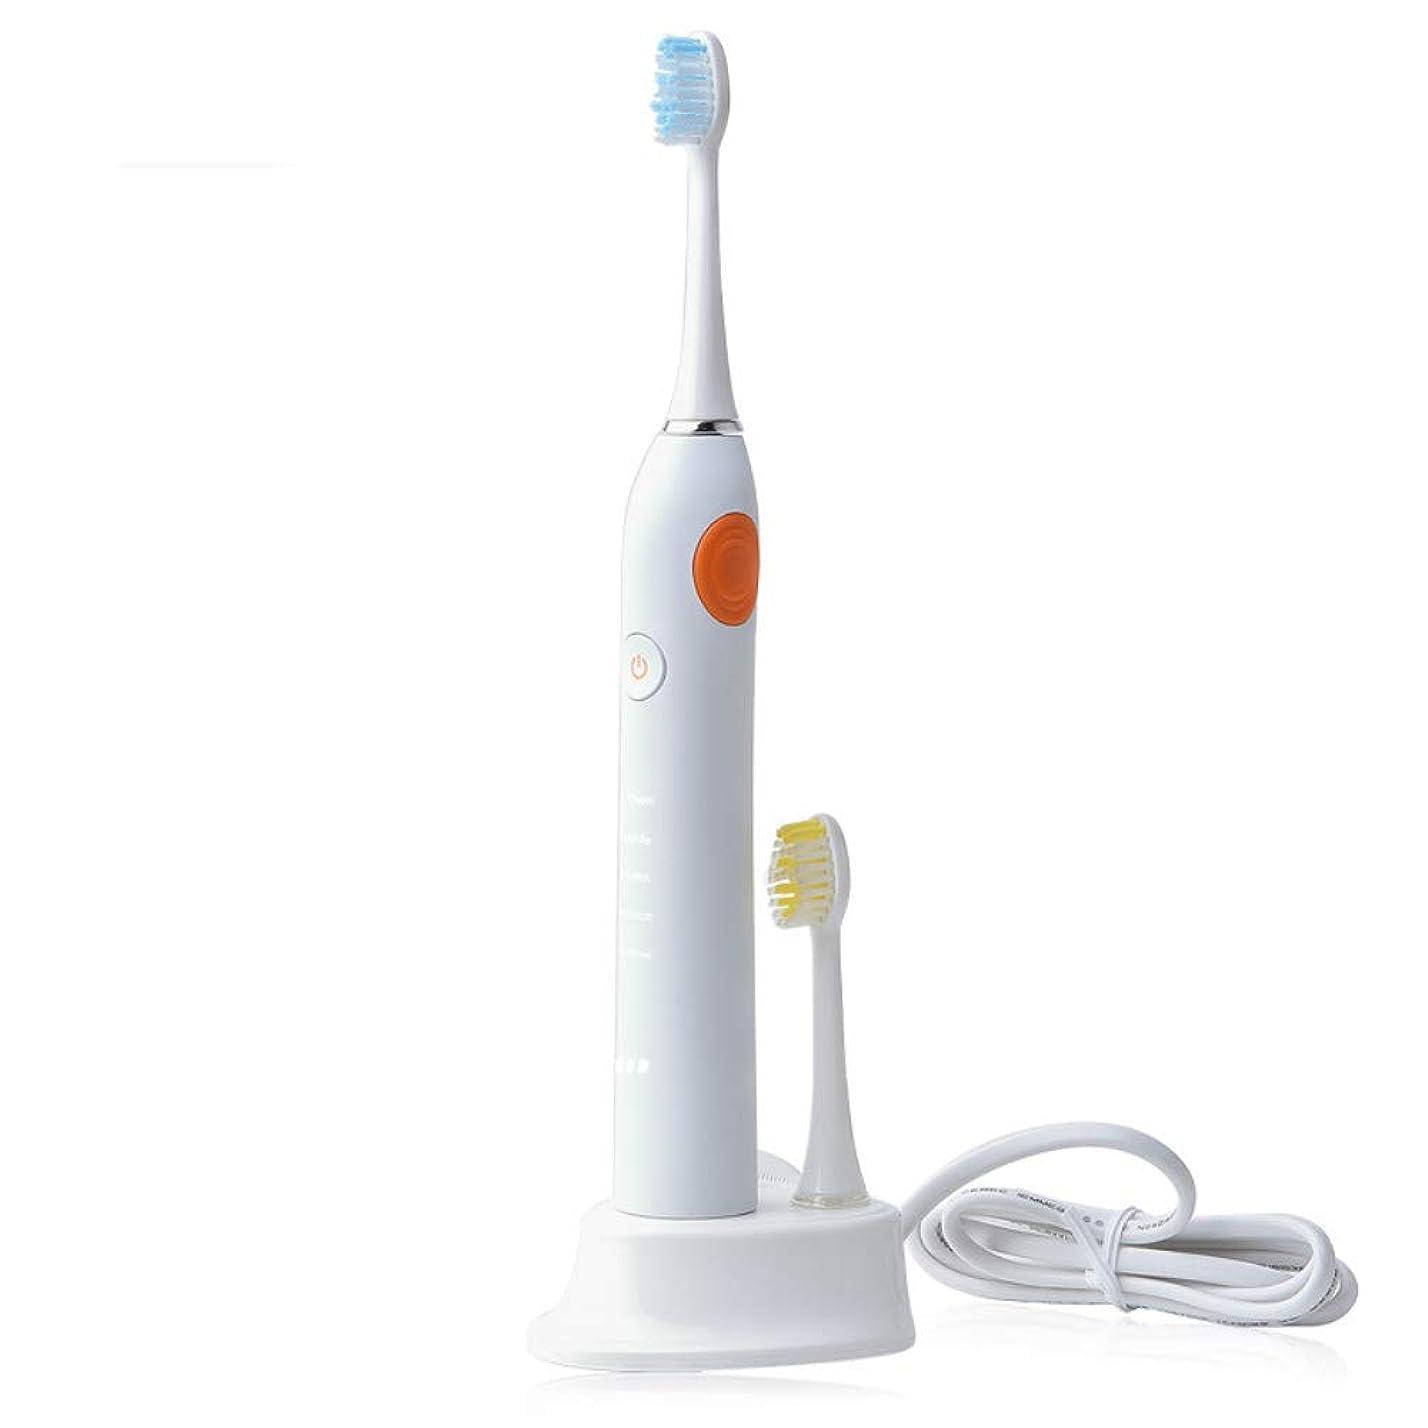 性差別キルト私たちのもの電動歯ブラシ、ソニック電動歯ブラシ、ソニックファーフルボディ防水超静かな電動歯ブラシは、家庭旅行に適しています